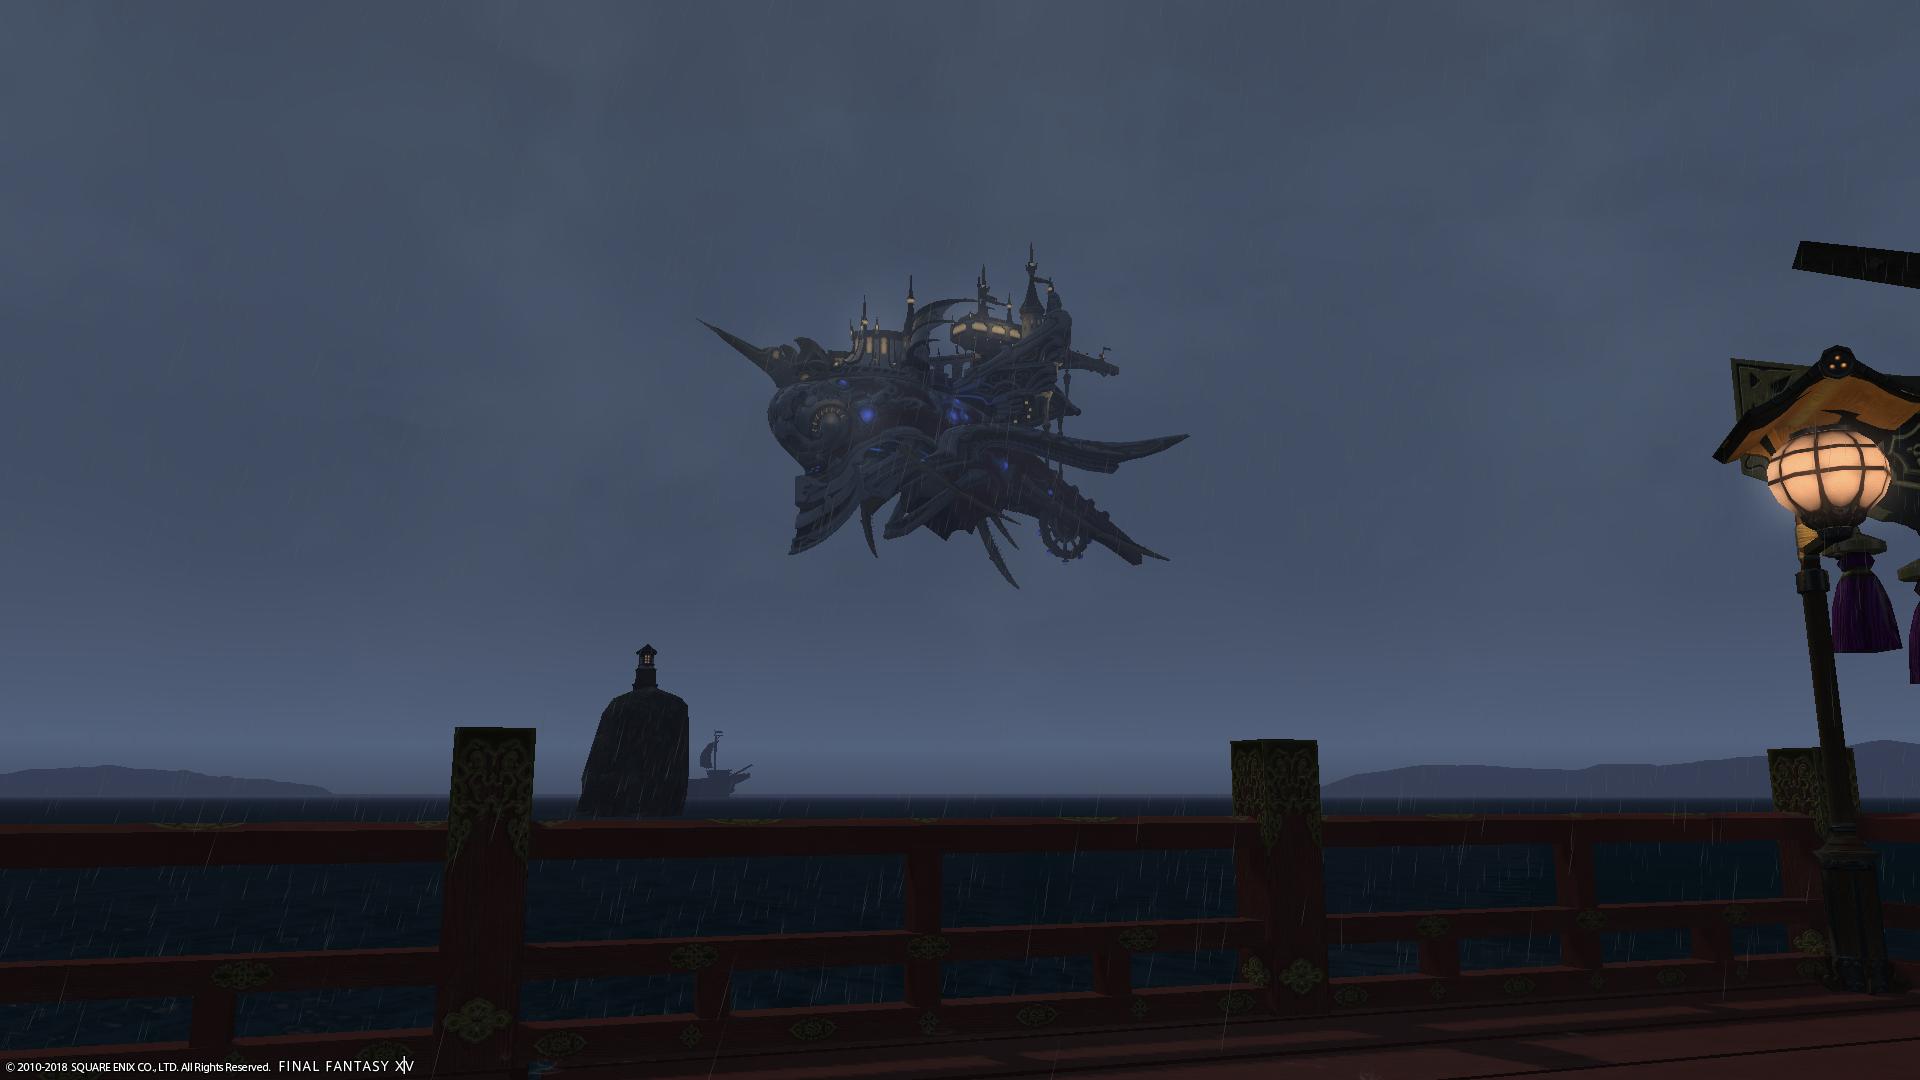 タクティックスの飛空艇